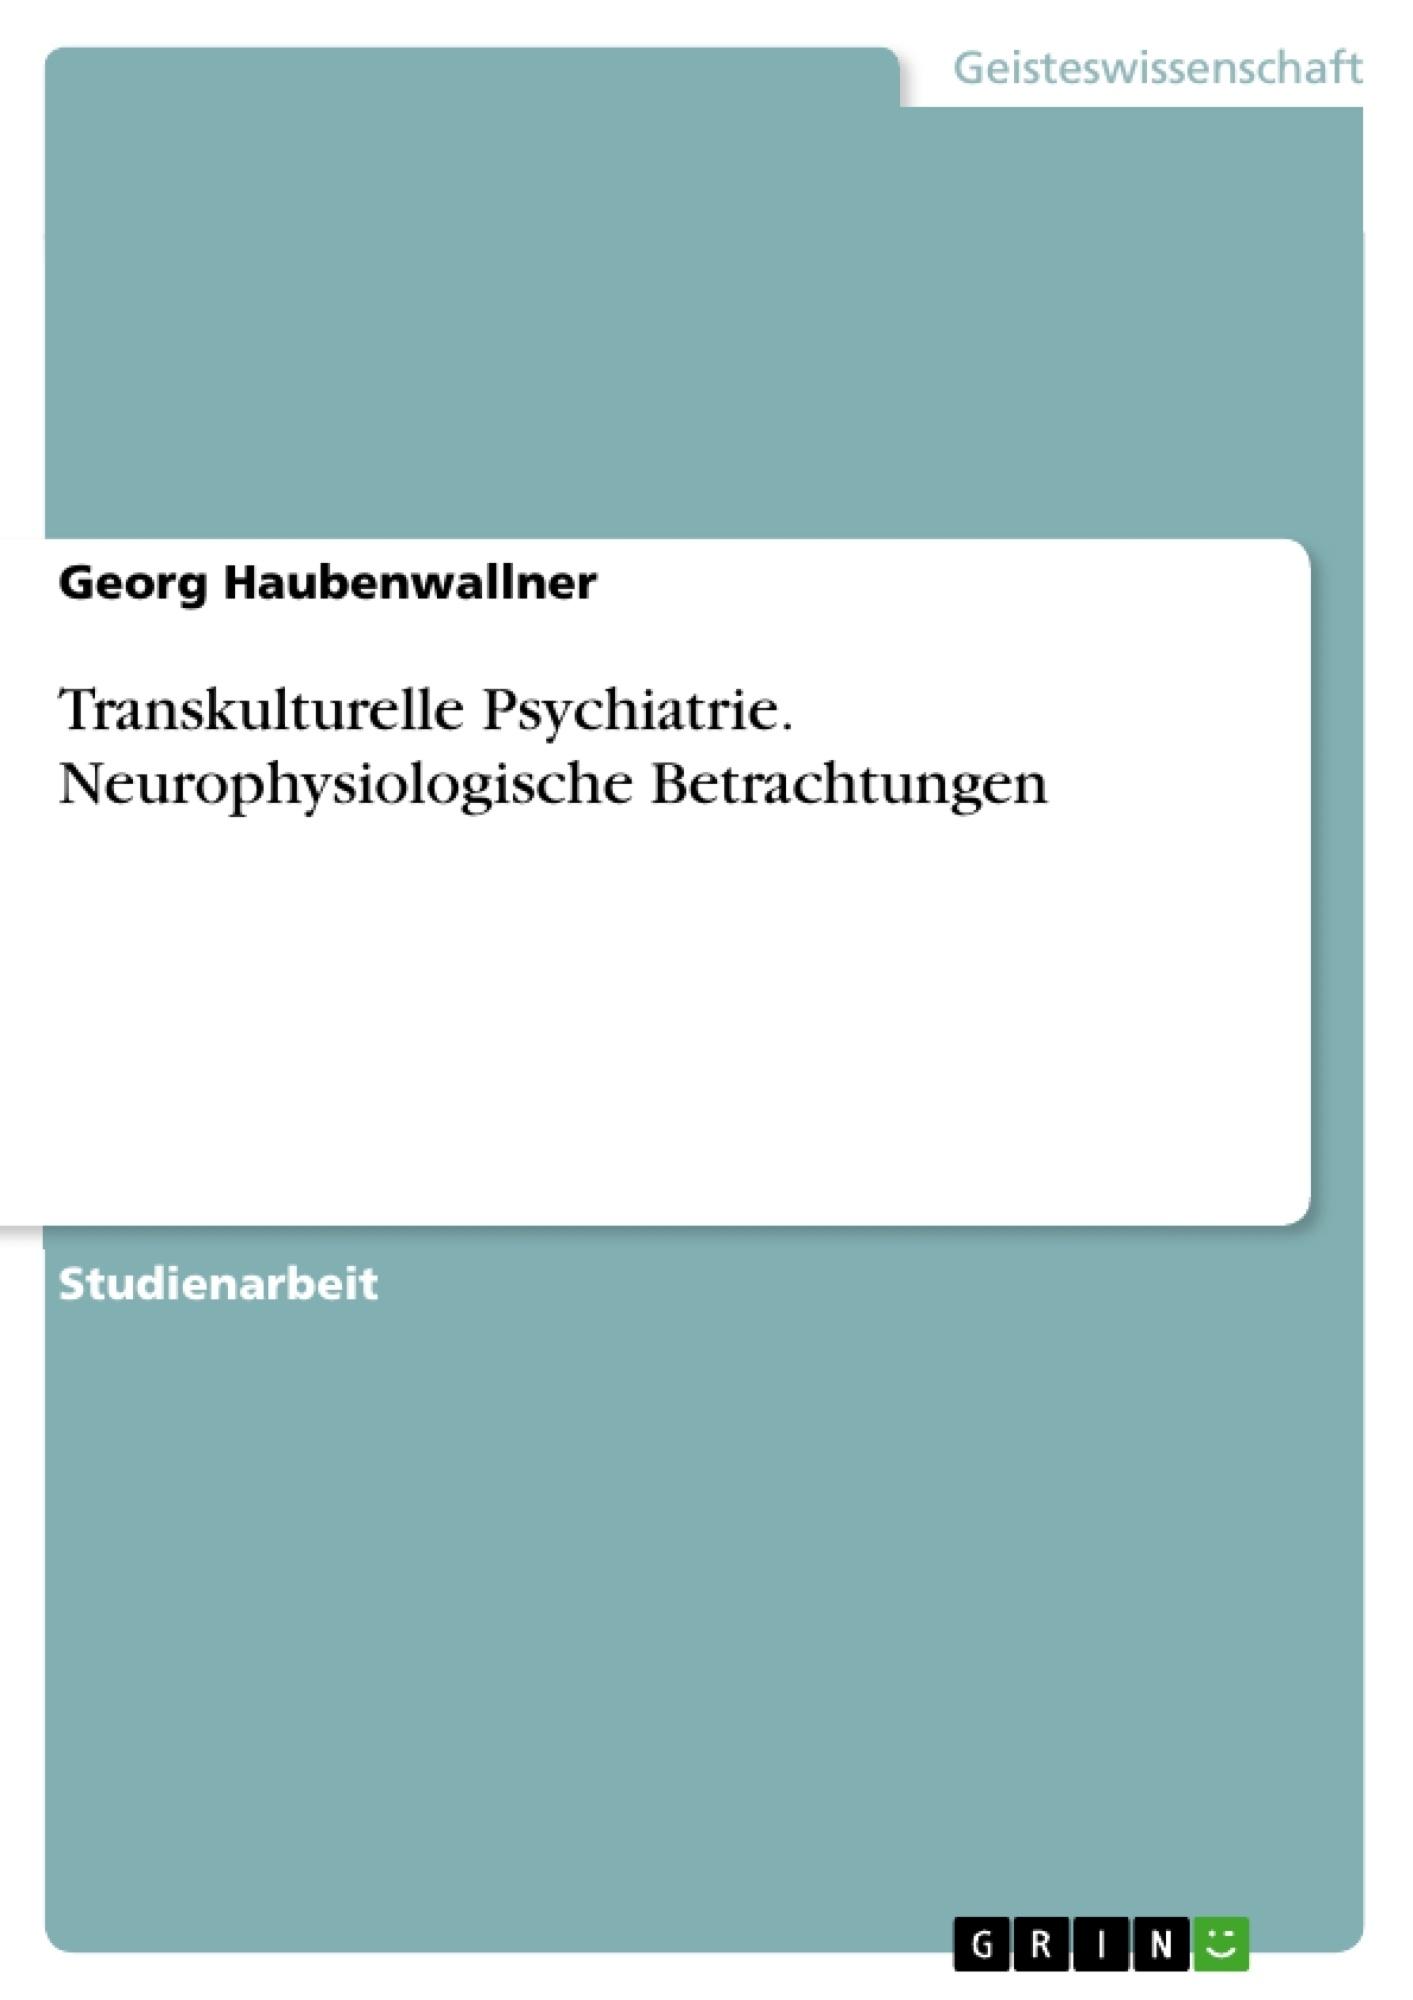 Titel: Transkulturelle Psychiatrie. Neurophysiologische Betrachtungen